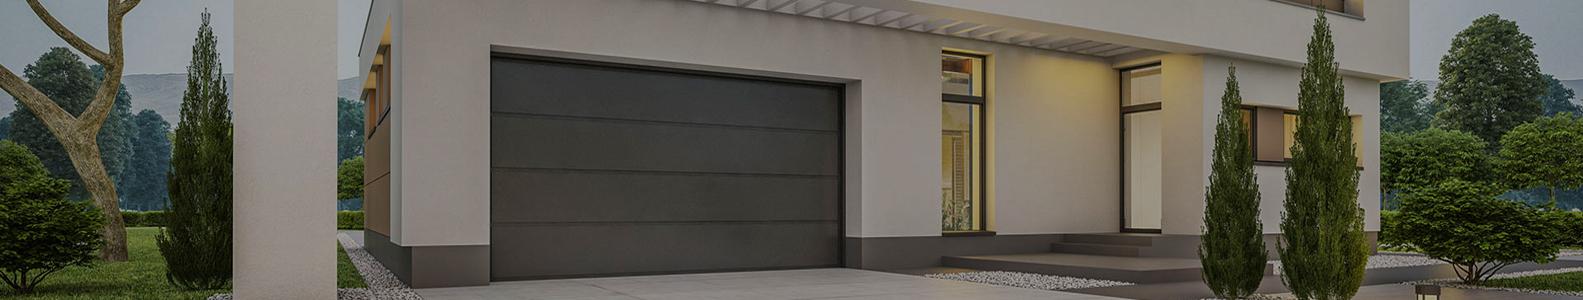 Garažo vartų automatika  BFT, Hormann, Sommer, V2 garažo vartų pavaros pramoniniams ir buitiniams vartams